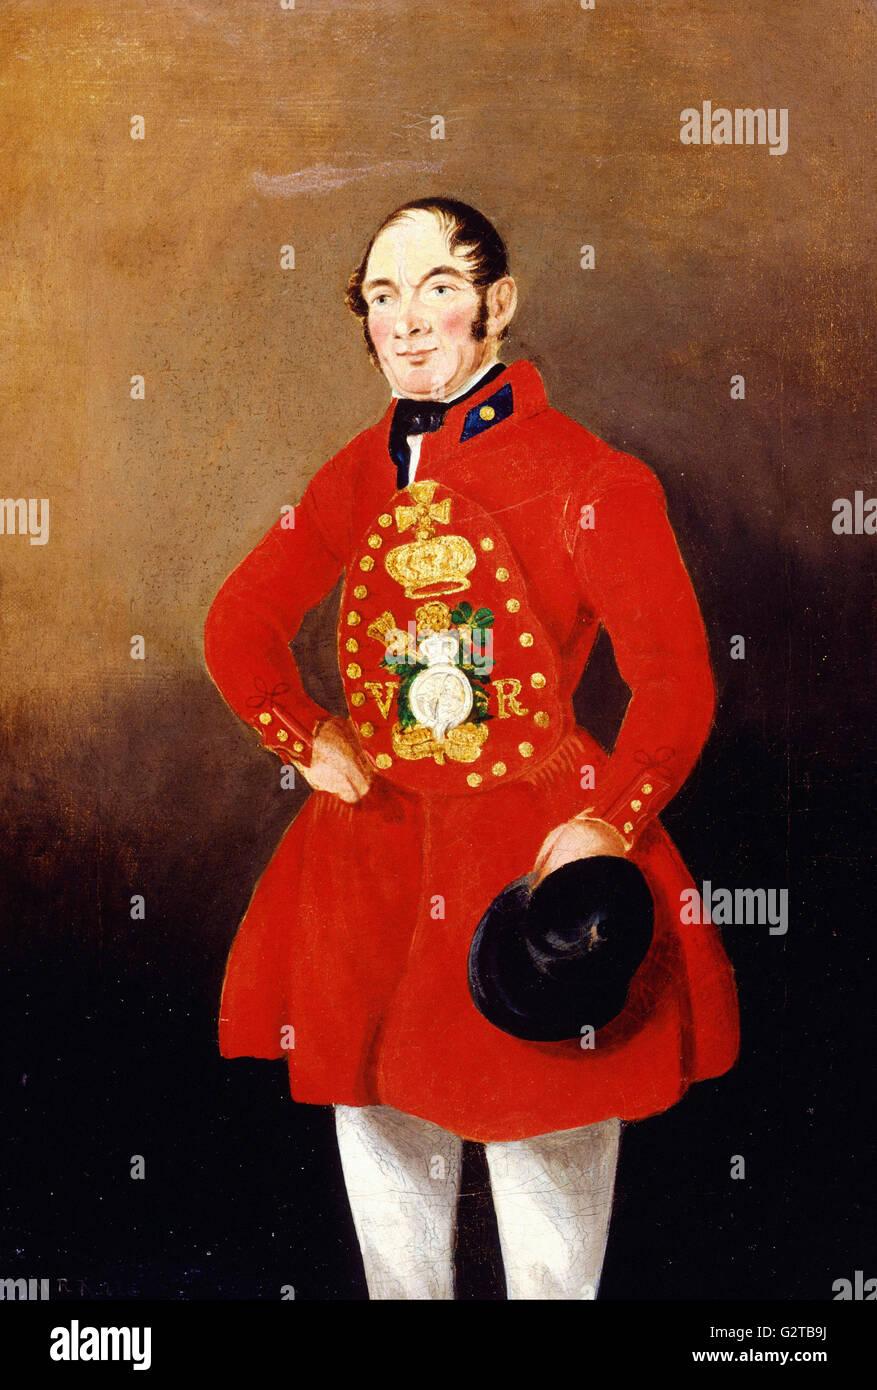 Nobile, W.R. - Pittura; olio su tela - Ritratto di un Royal Bargeman - Immagini Stock